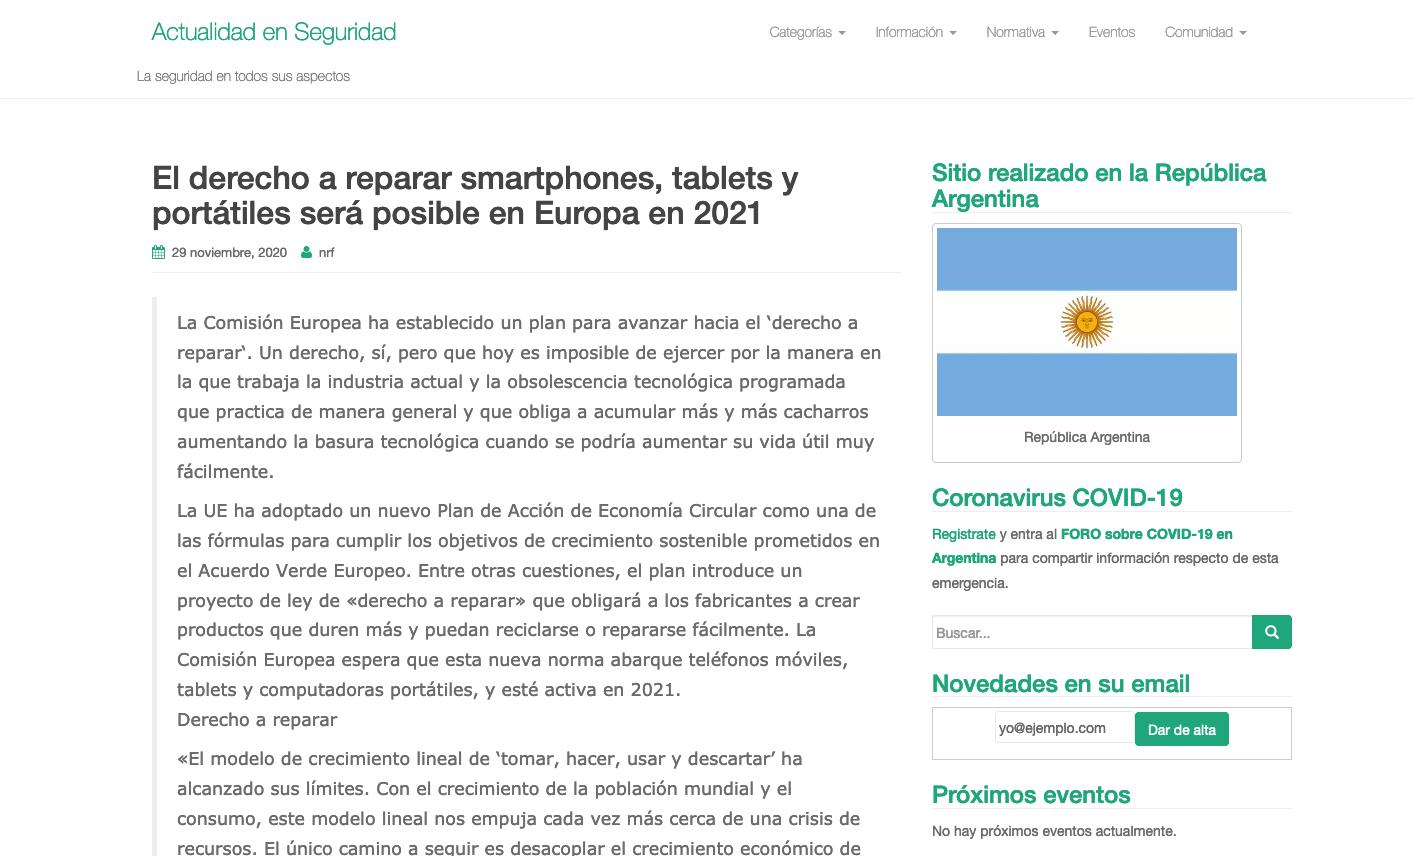 Talleres para reparar smartphones, tablets y portátiles